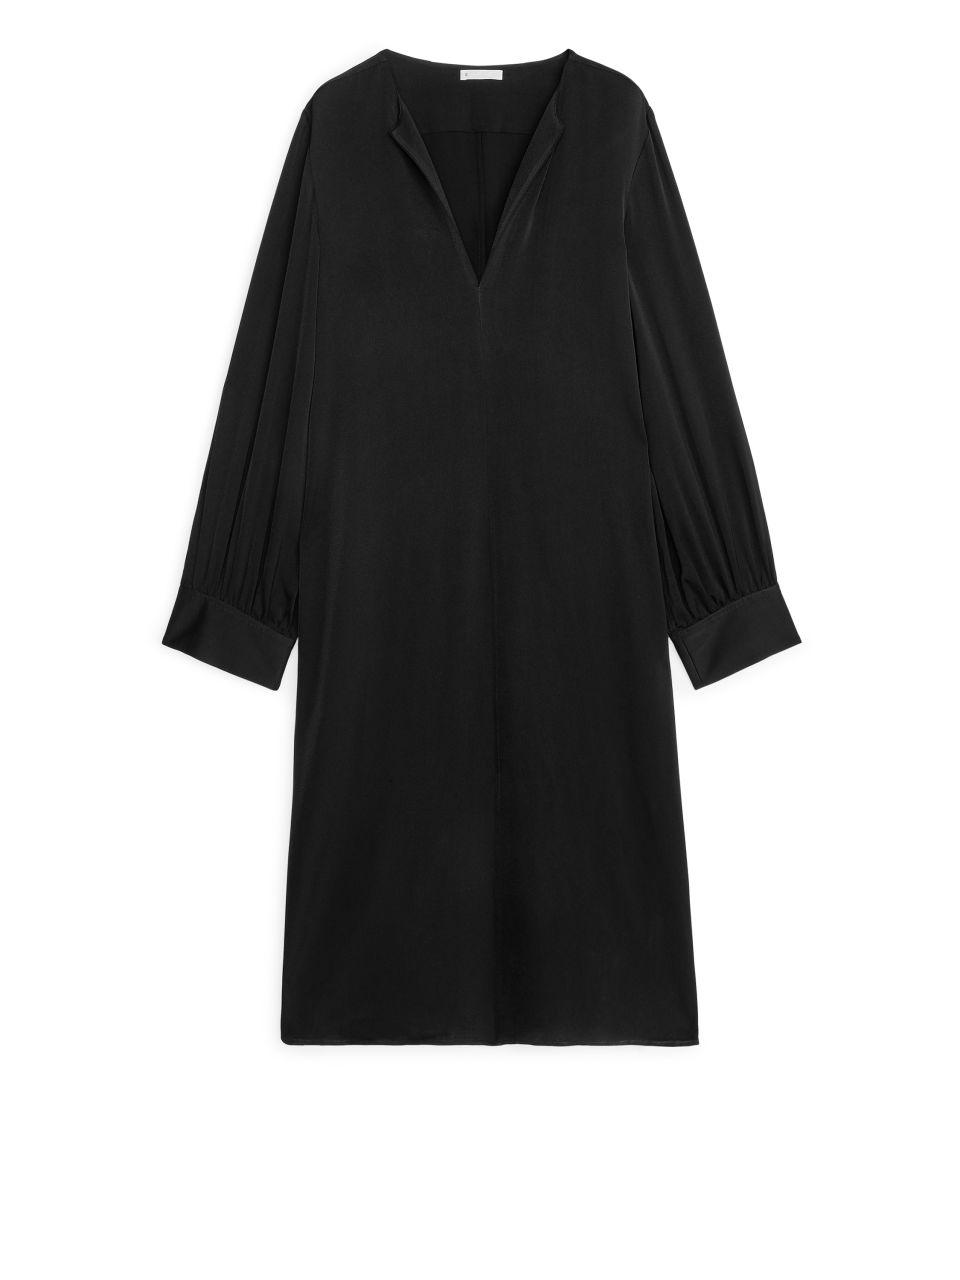 Short Long-Sleeved Dress - Black